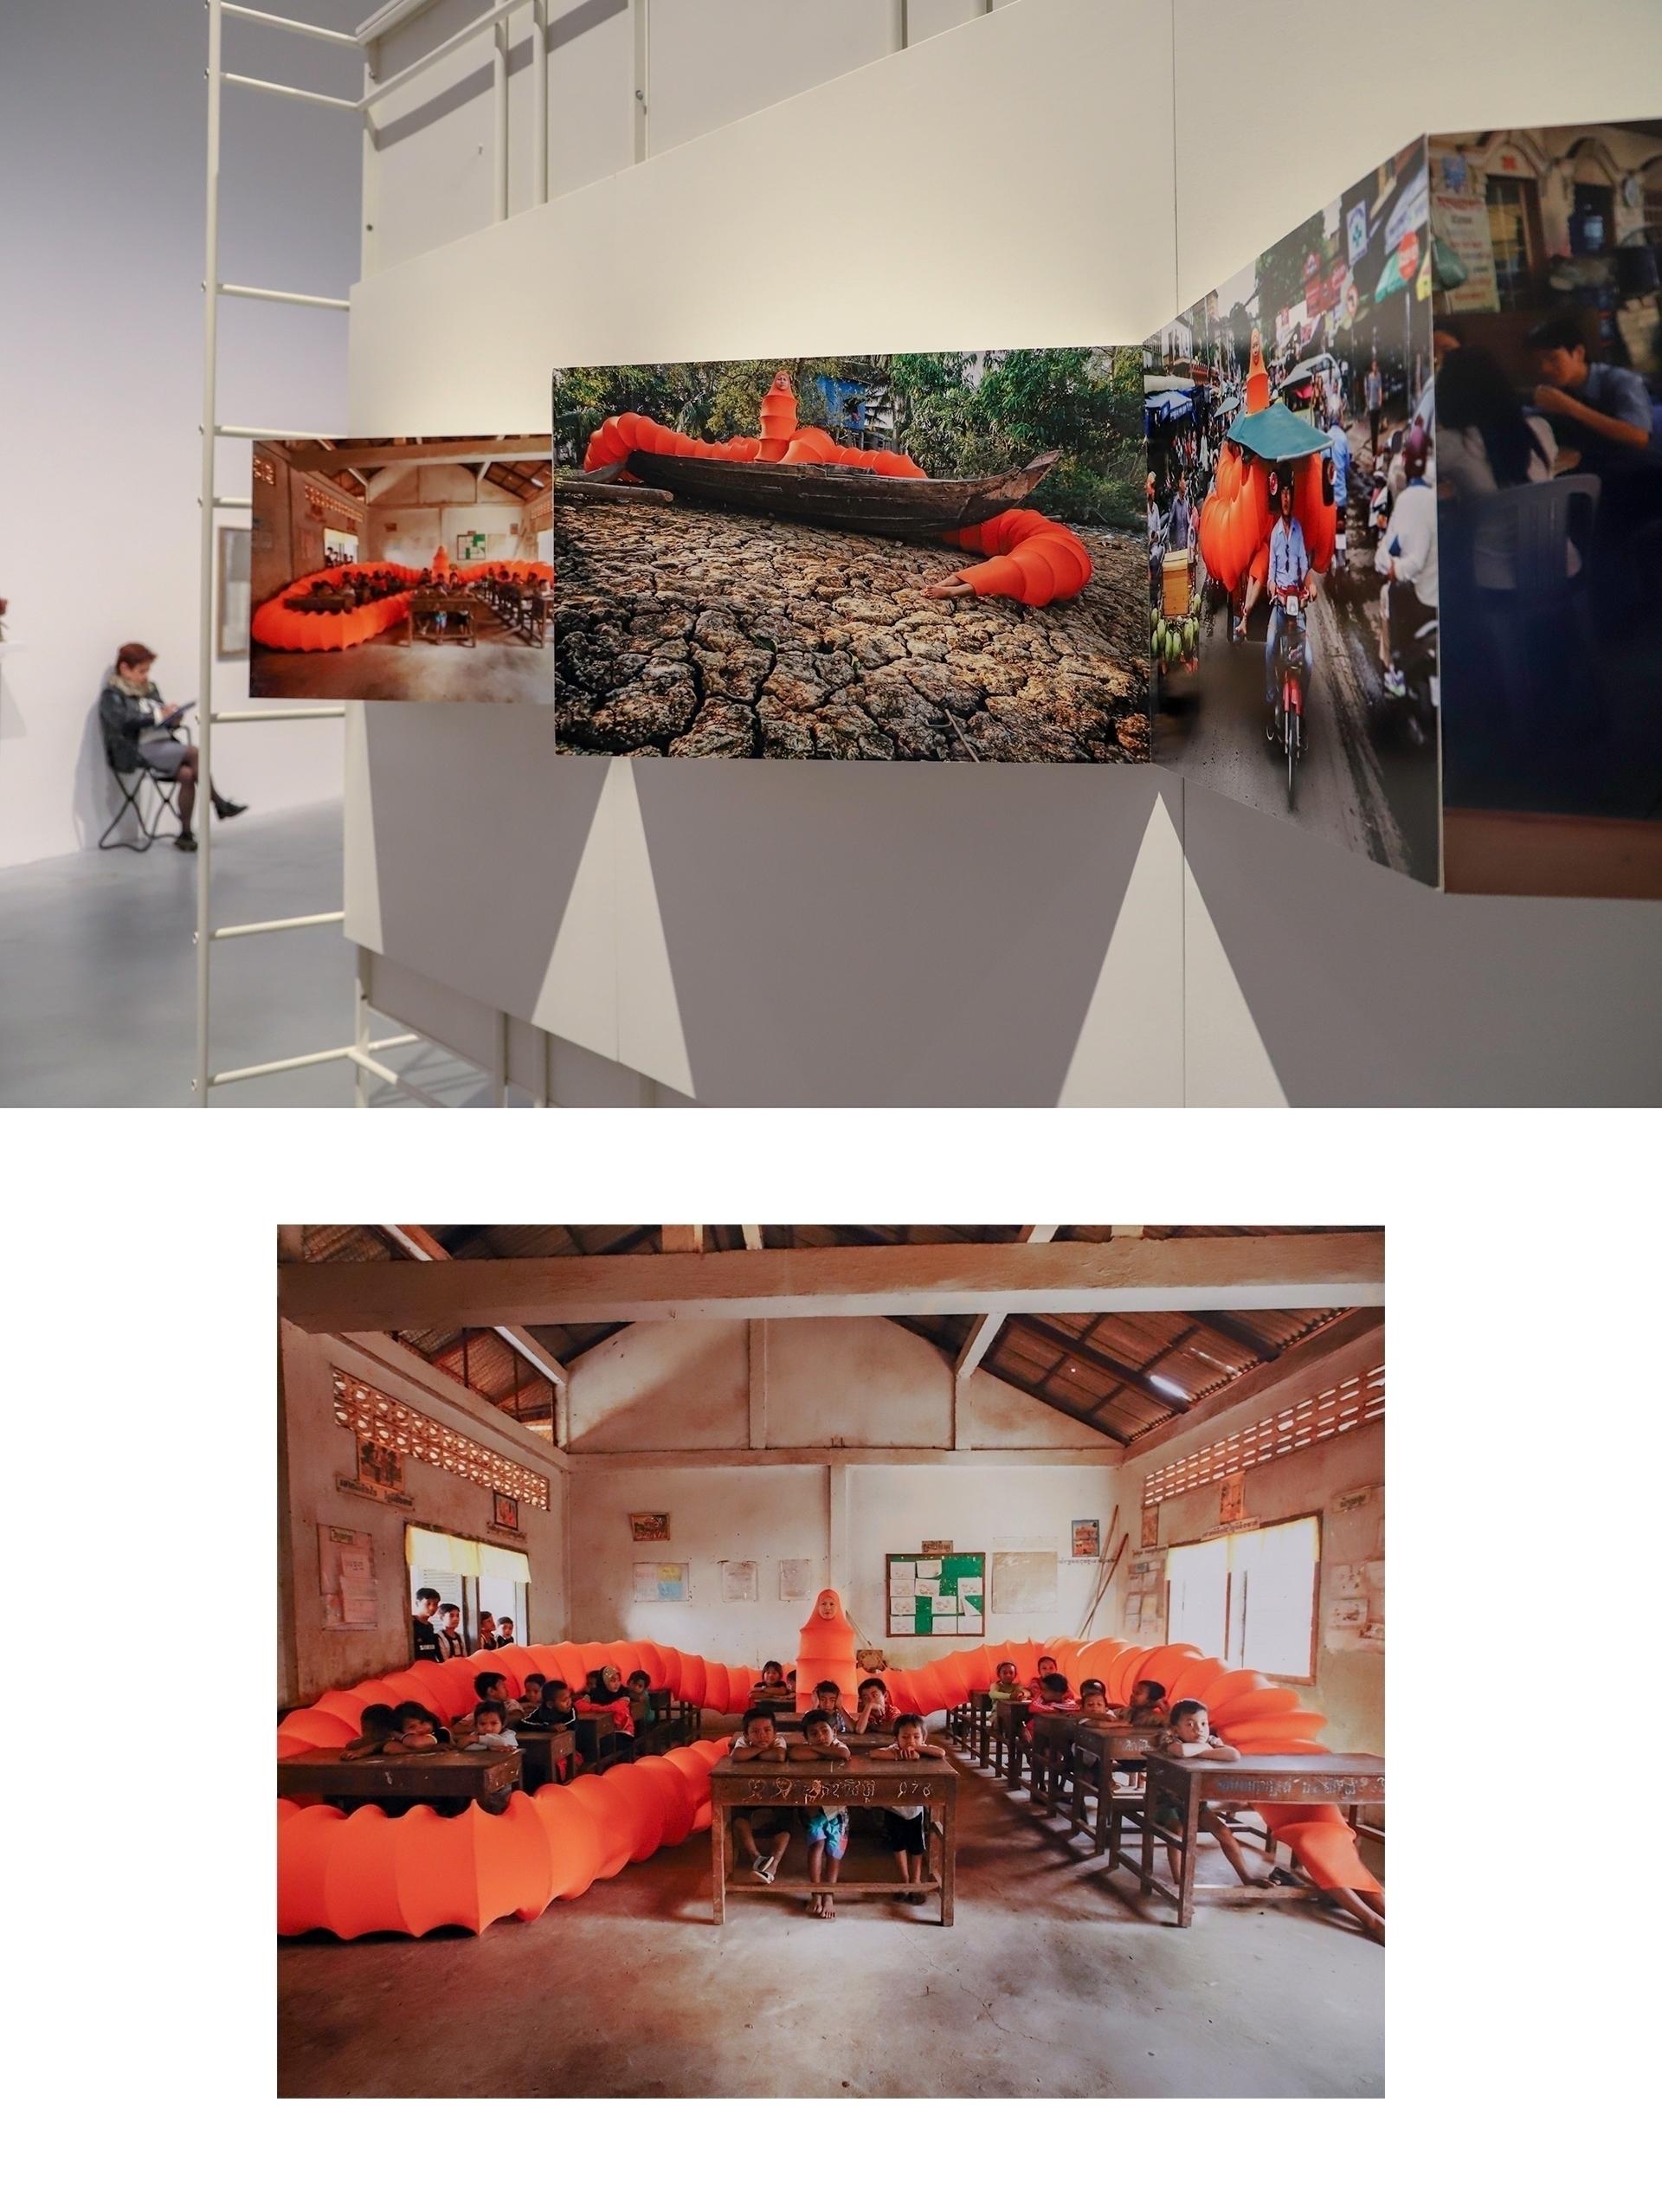 Obraz przedstawia dwa zdjęcia przedstawiające przestrzeń muzeum z pracami fotografki.